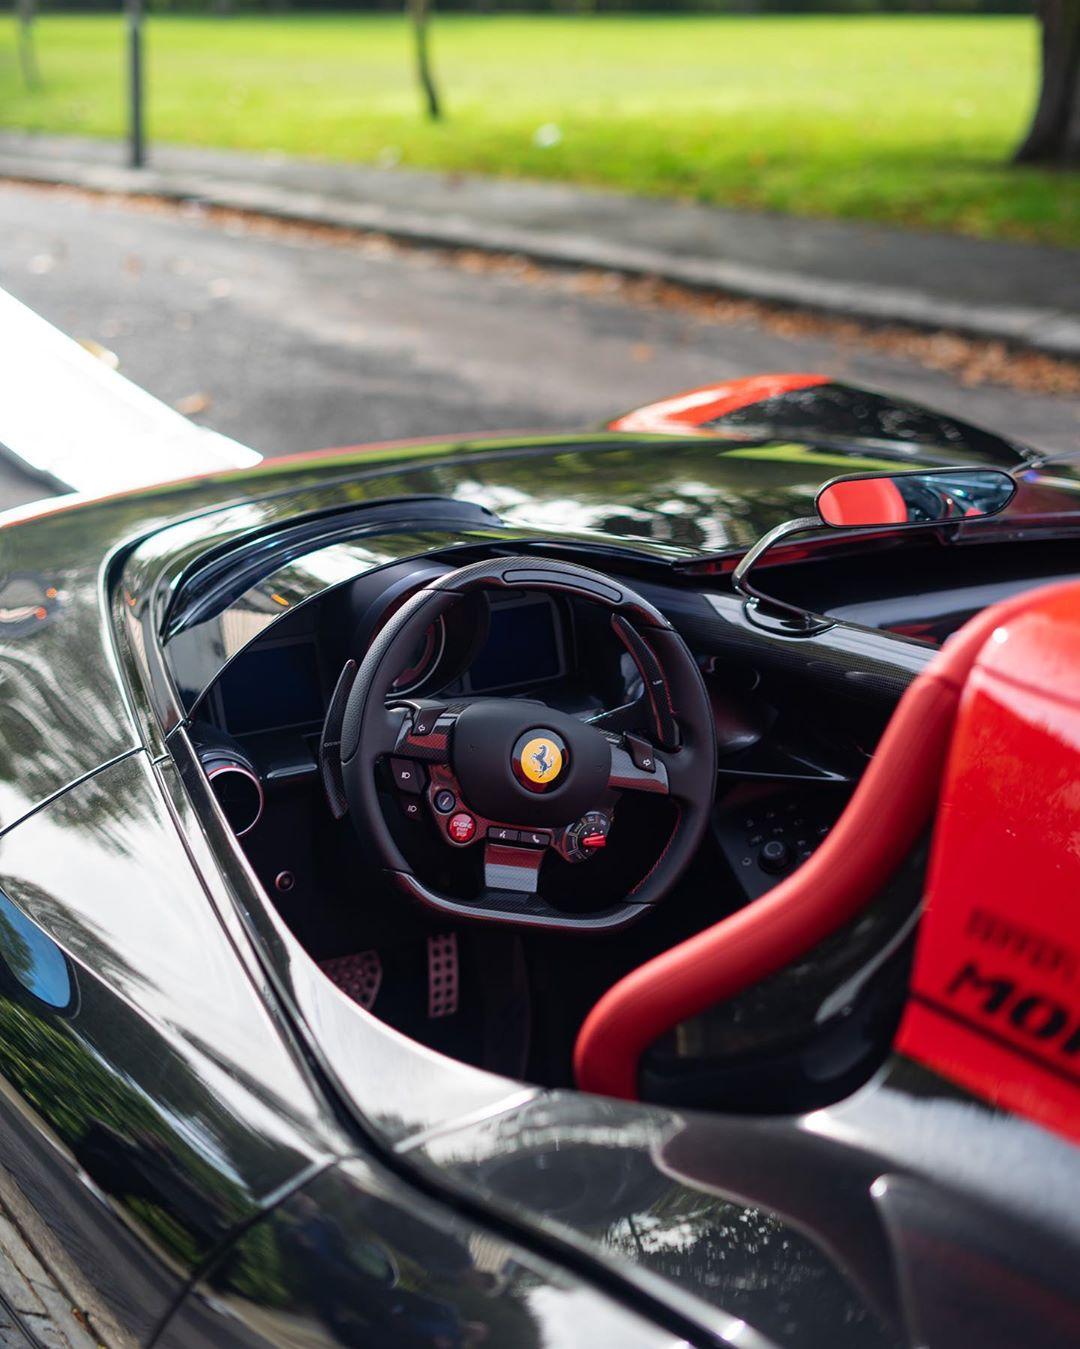 Gordon-Ramsay-Ferrari-Monza-SP2-4